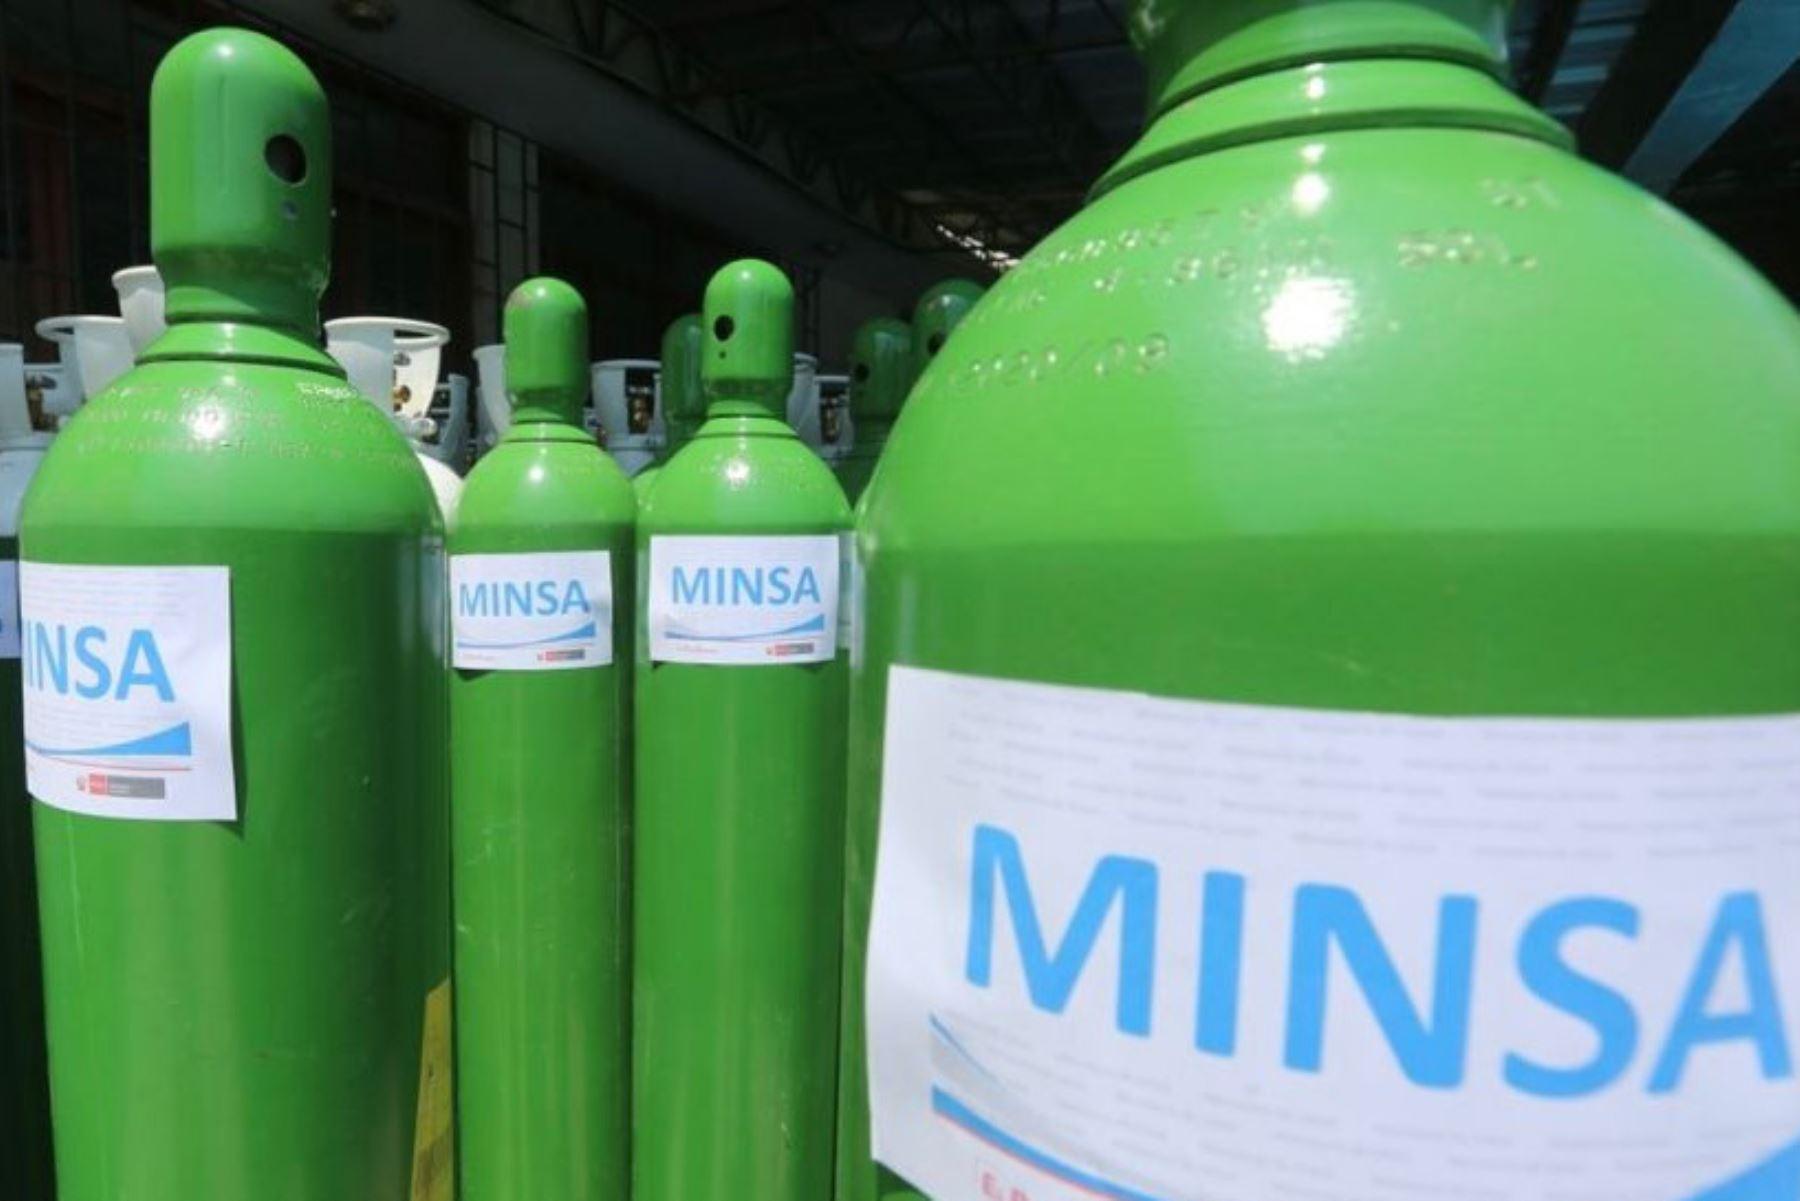 El Ministerio de Salud envió a Huánuco 50 balones de 6 metros cúbicos y 50 concentradores de oxígeno para dar atender la emergencia de los pacientes covid-19 en los establecimientos de salud de la región. Foto: Minsa